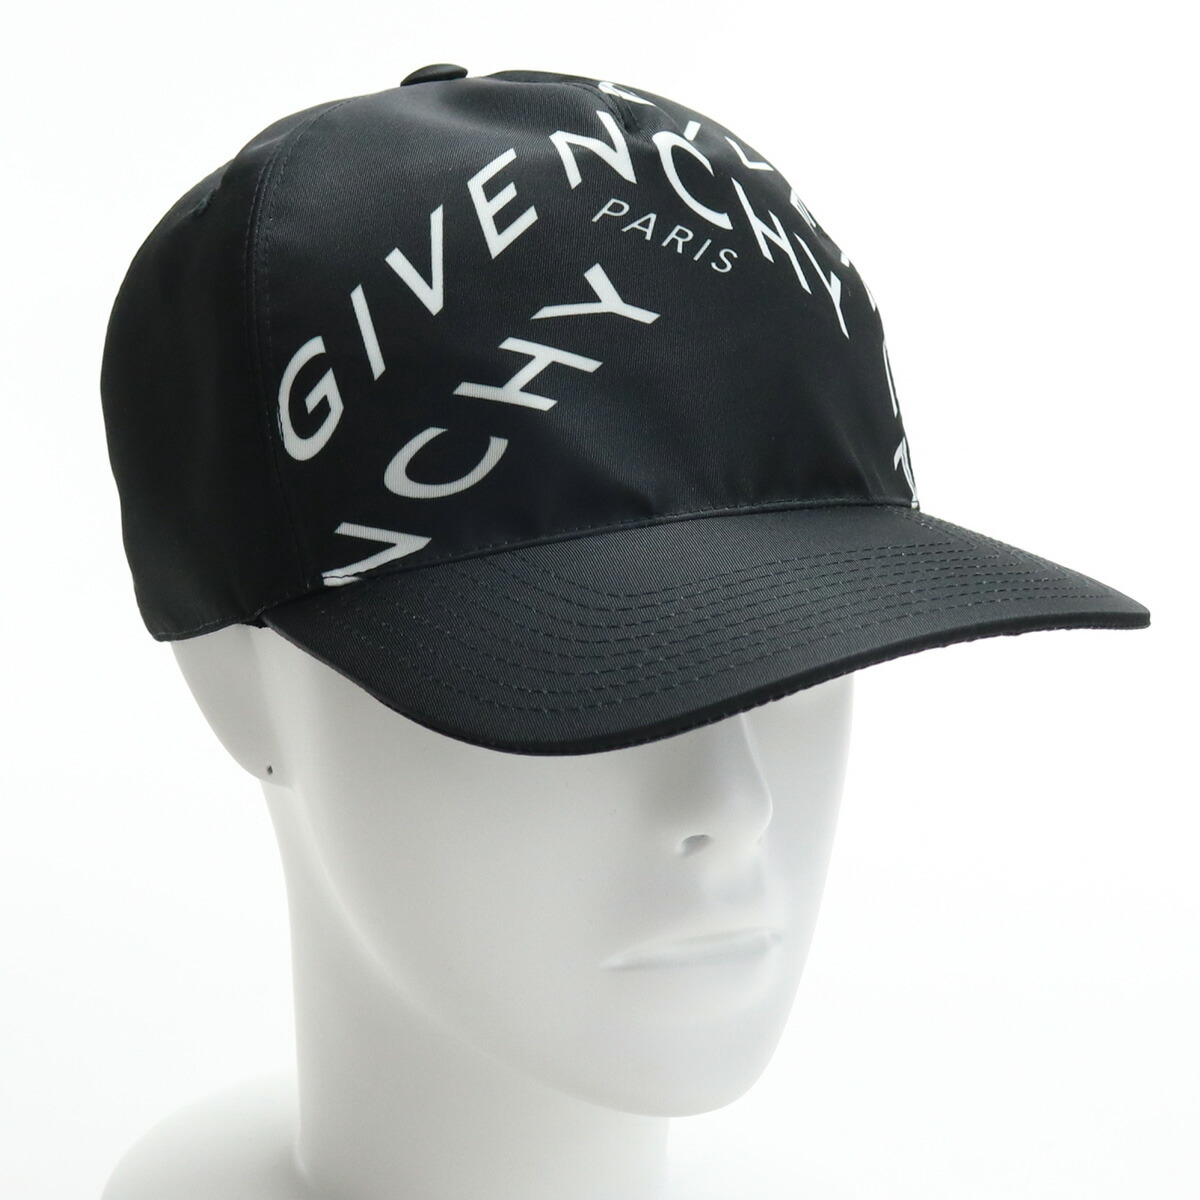 ジバンシー GIVENCHY メンズ-帽子類 BPZ003 P08K 004 ブラック メンズ bos-05 cap-01